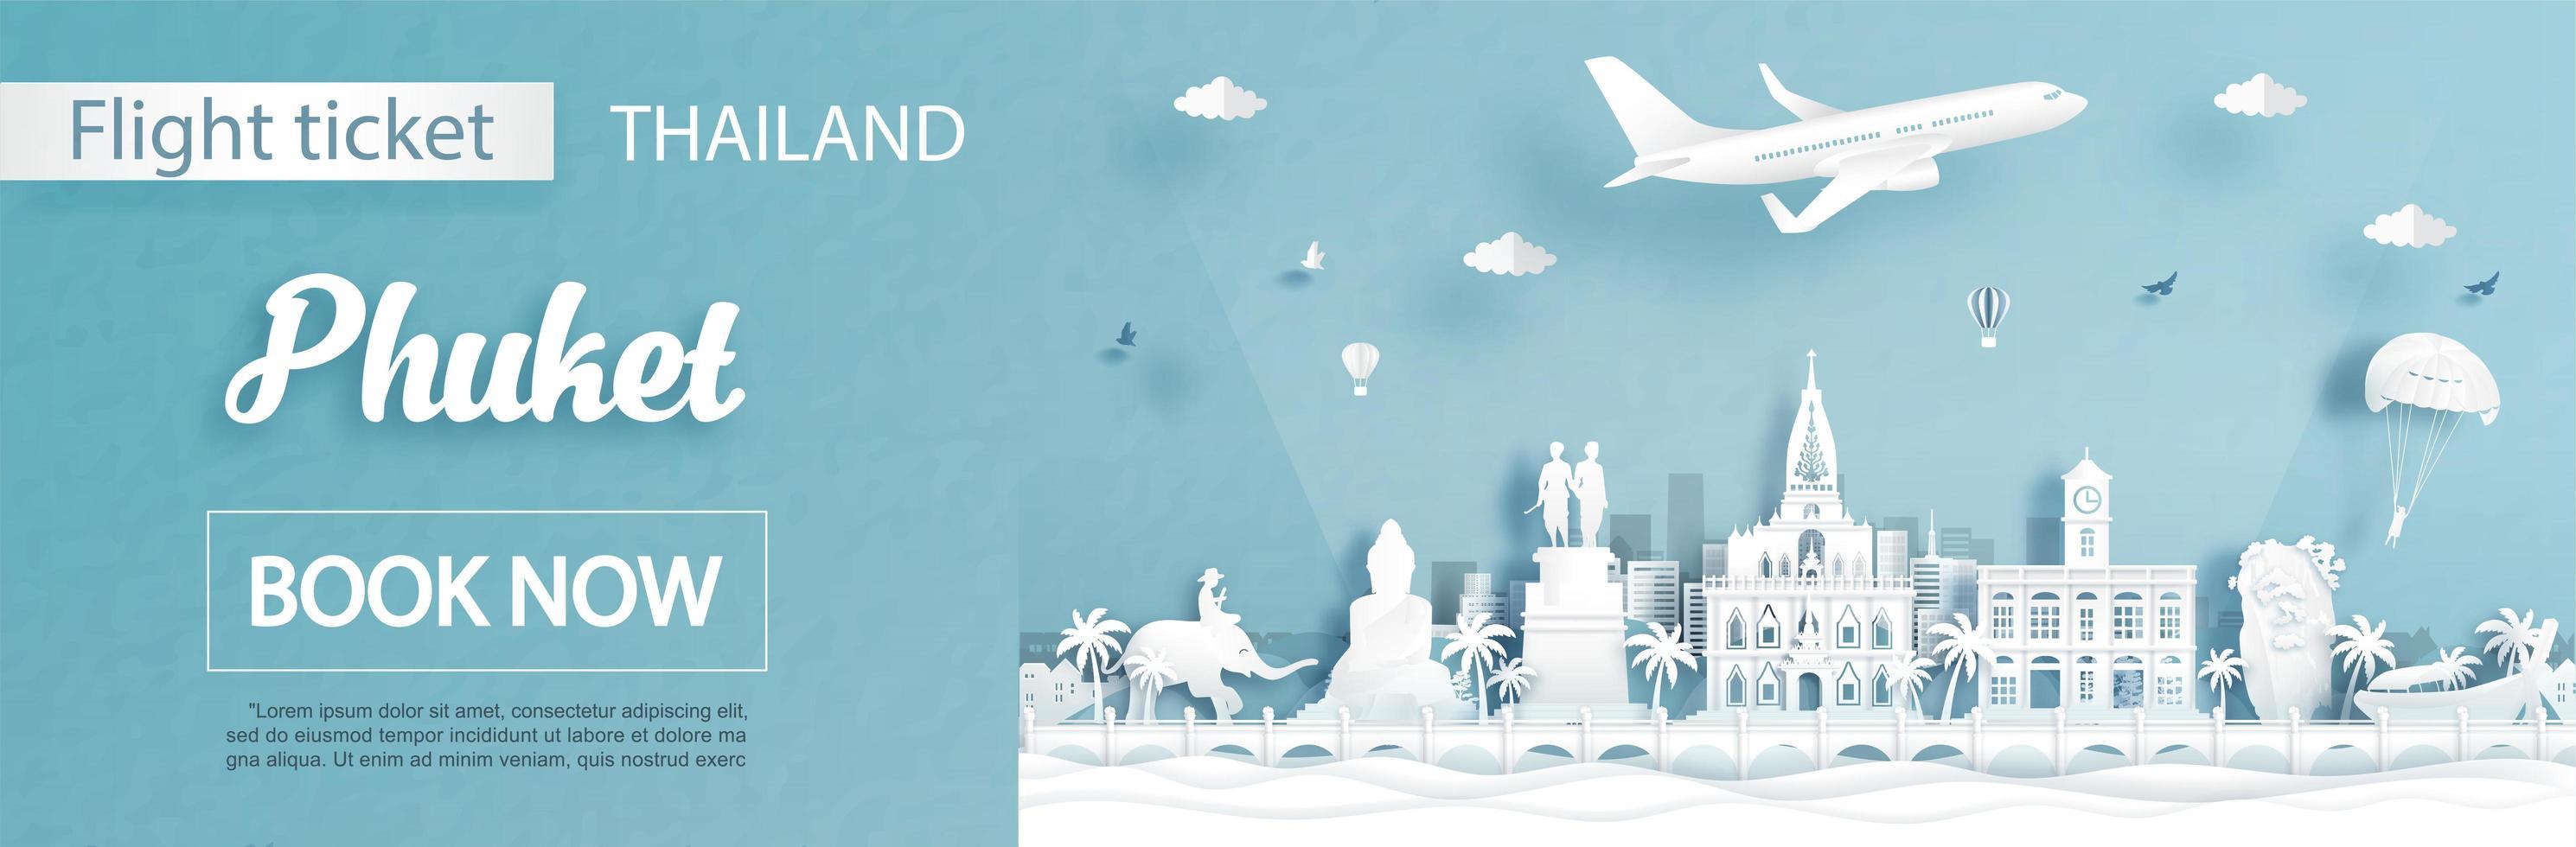 advertentiesjabloon voor reizen naar Phuket, Thailand vector